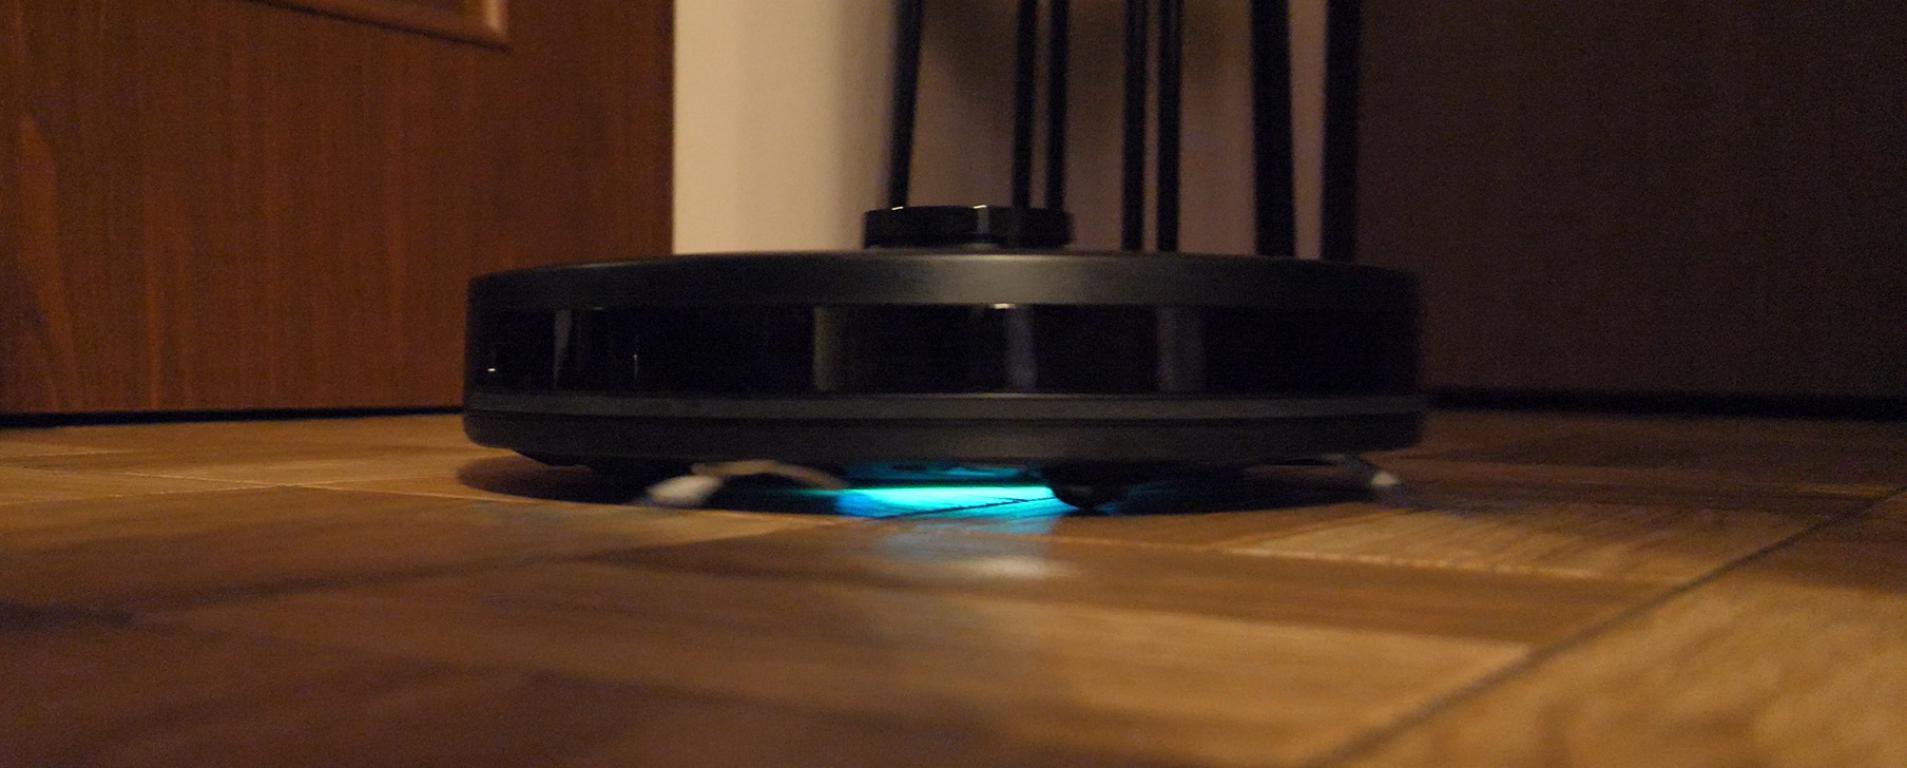 PURON PR10 - recenzja robota sprzątającego z lampą UV - światło UV-C do sterylizacji